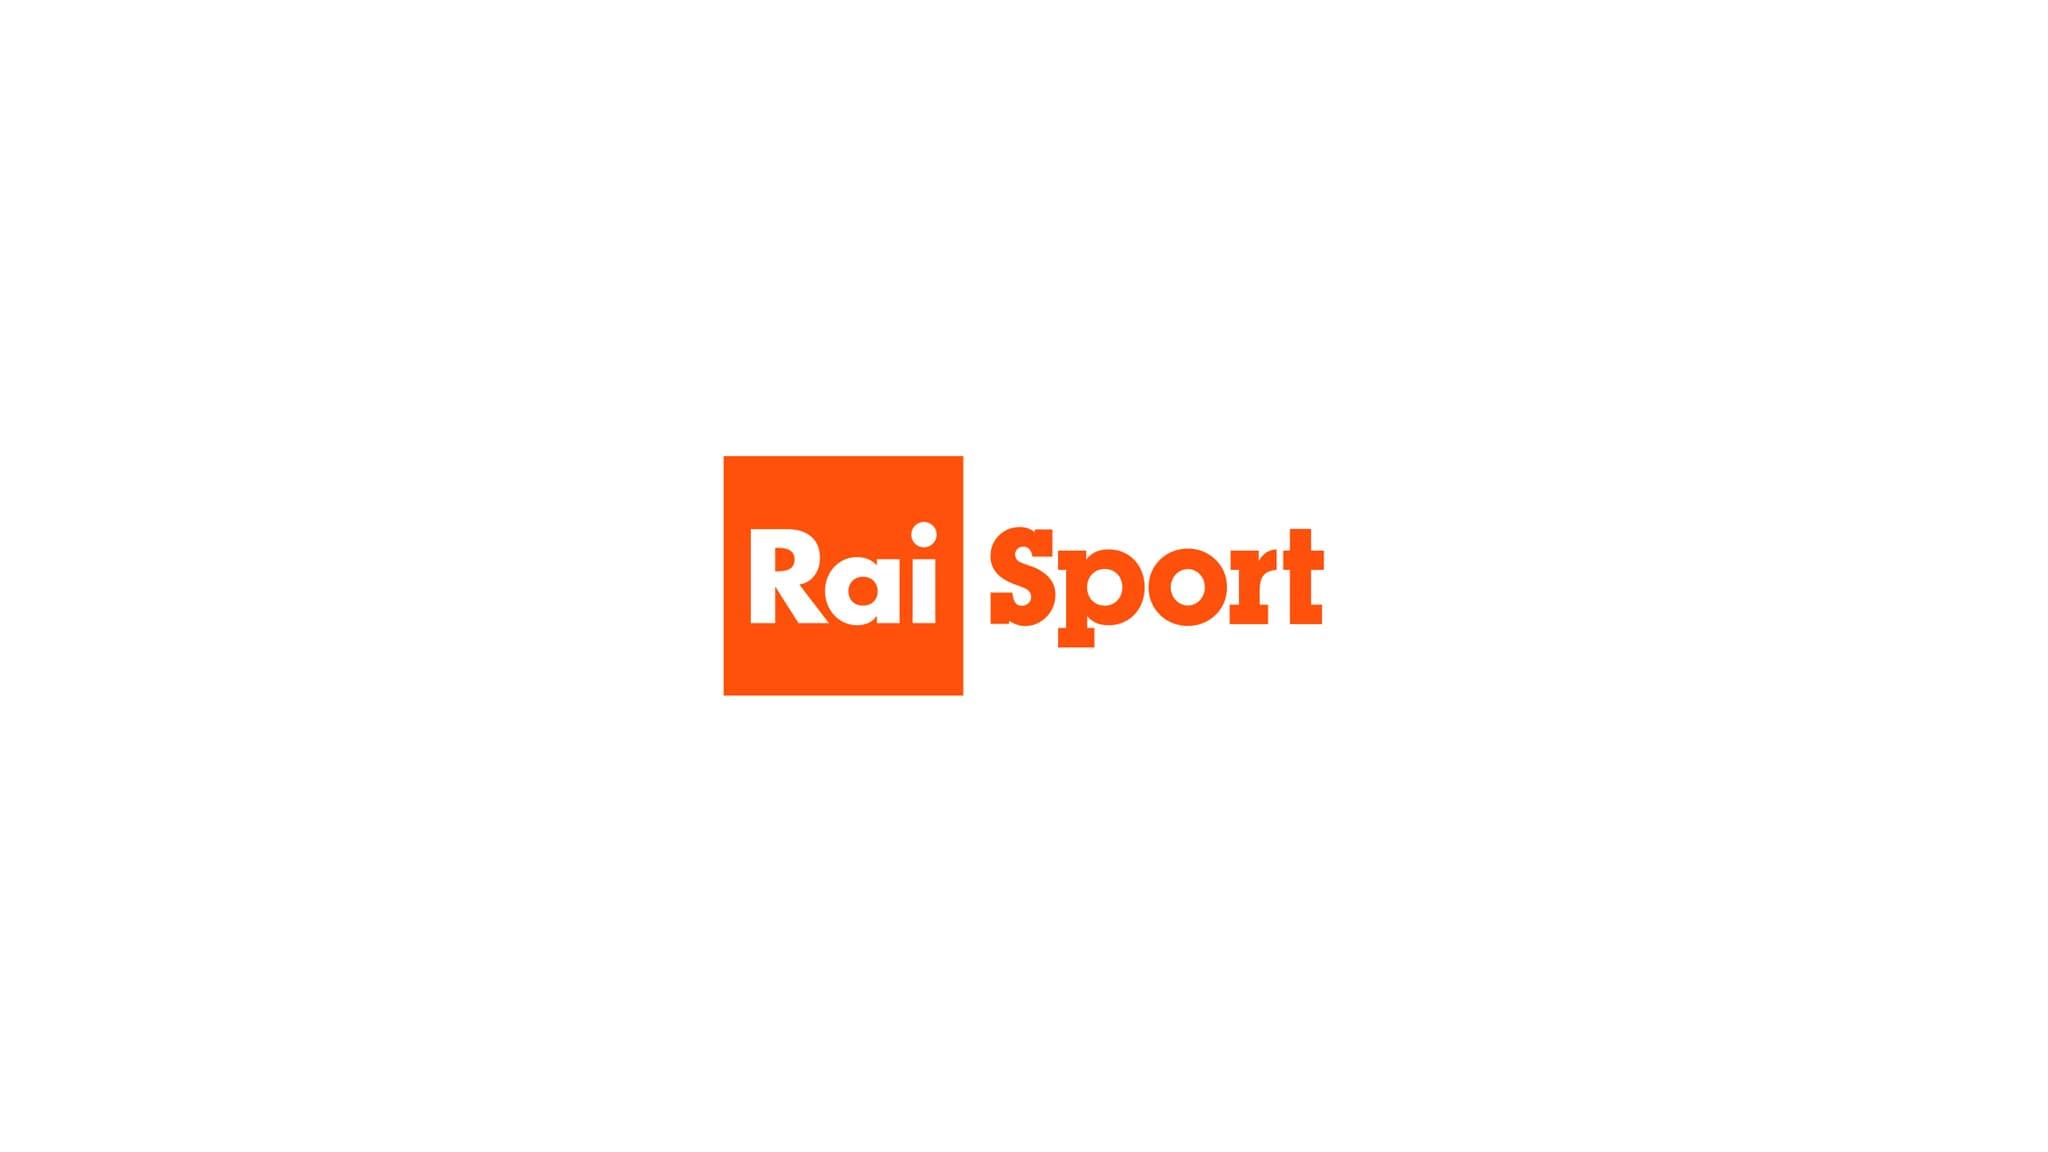 Rai Sport Salto con gli Sci Maschile: Coppa del Mondo 2019/20 HS 142 Ruka (FIN)